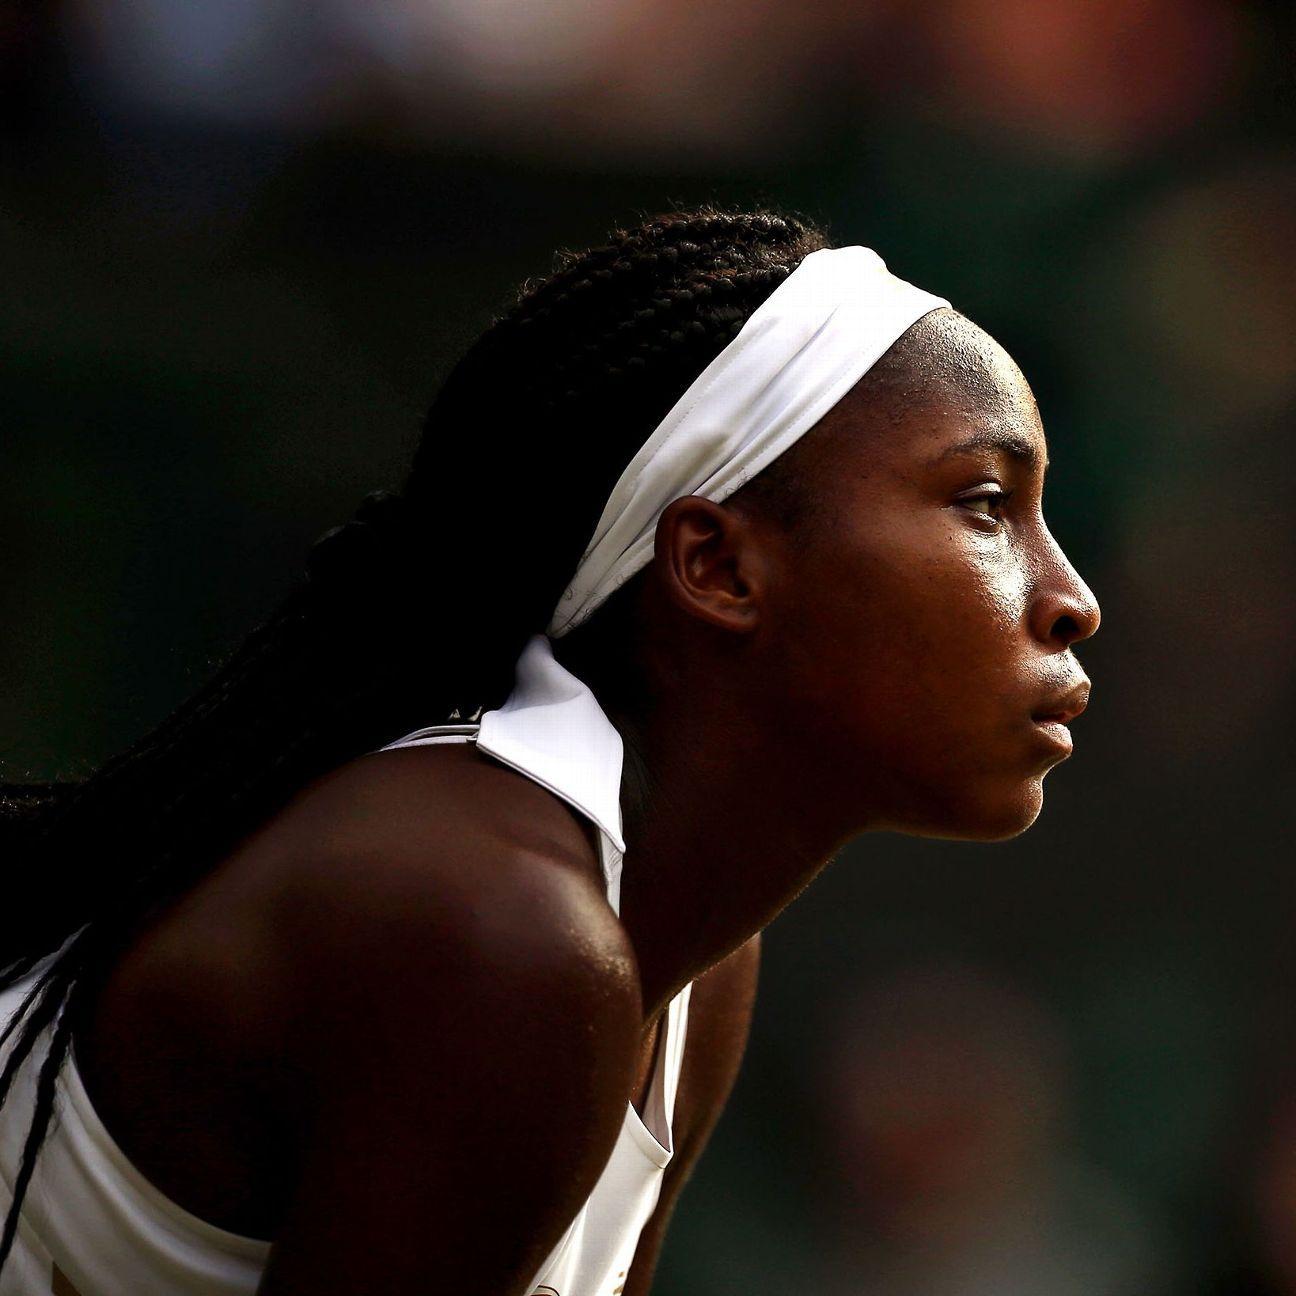 ESPN.com - Tennis